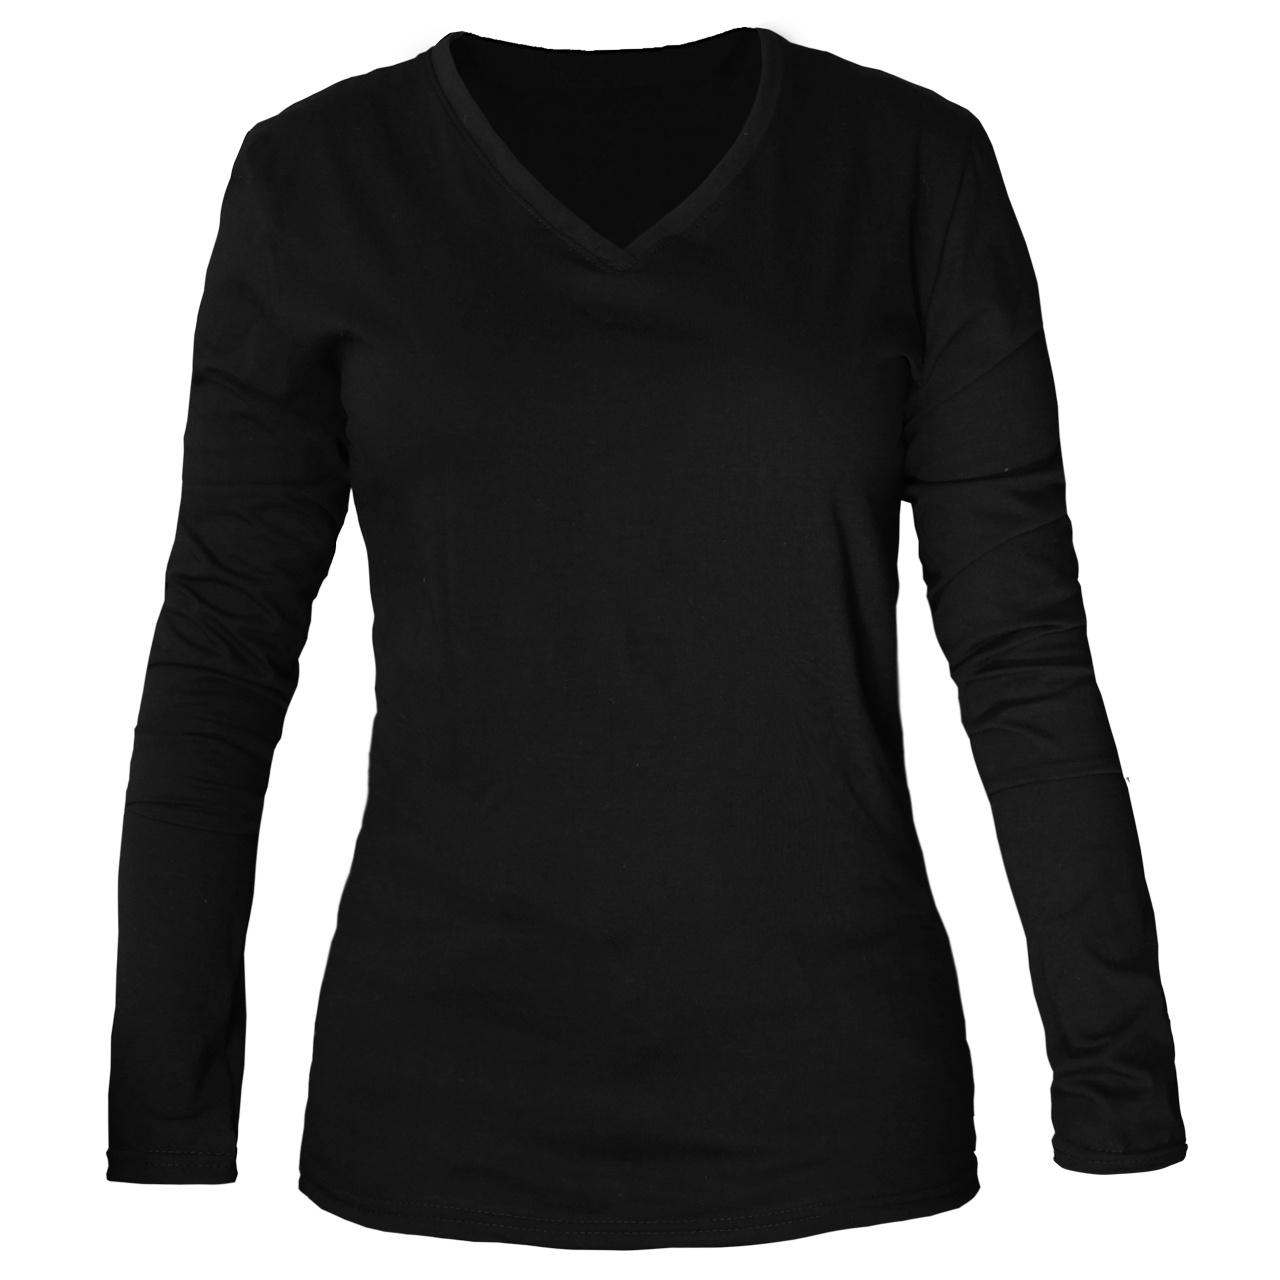 تی شرت زنانه مسترمانی مدل ساده 07